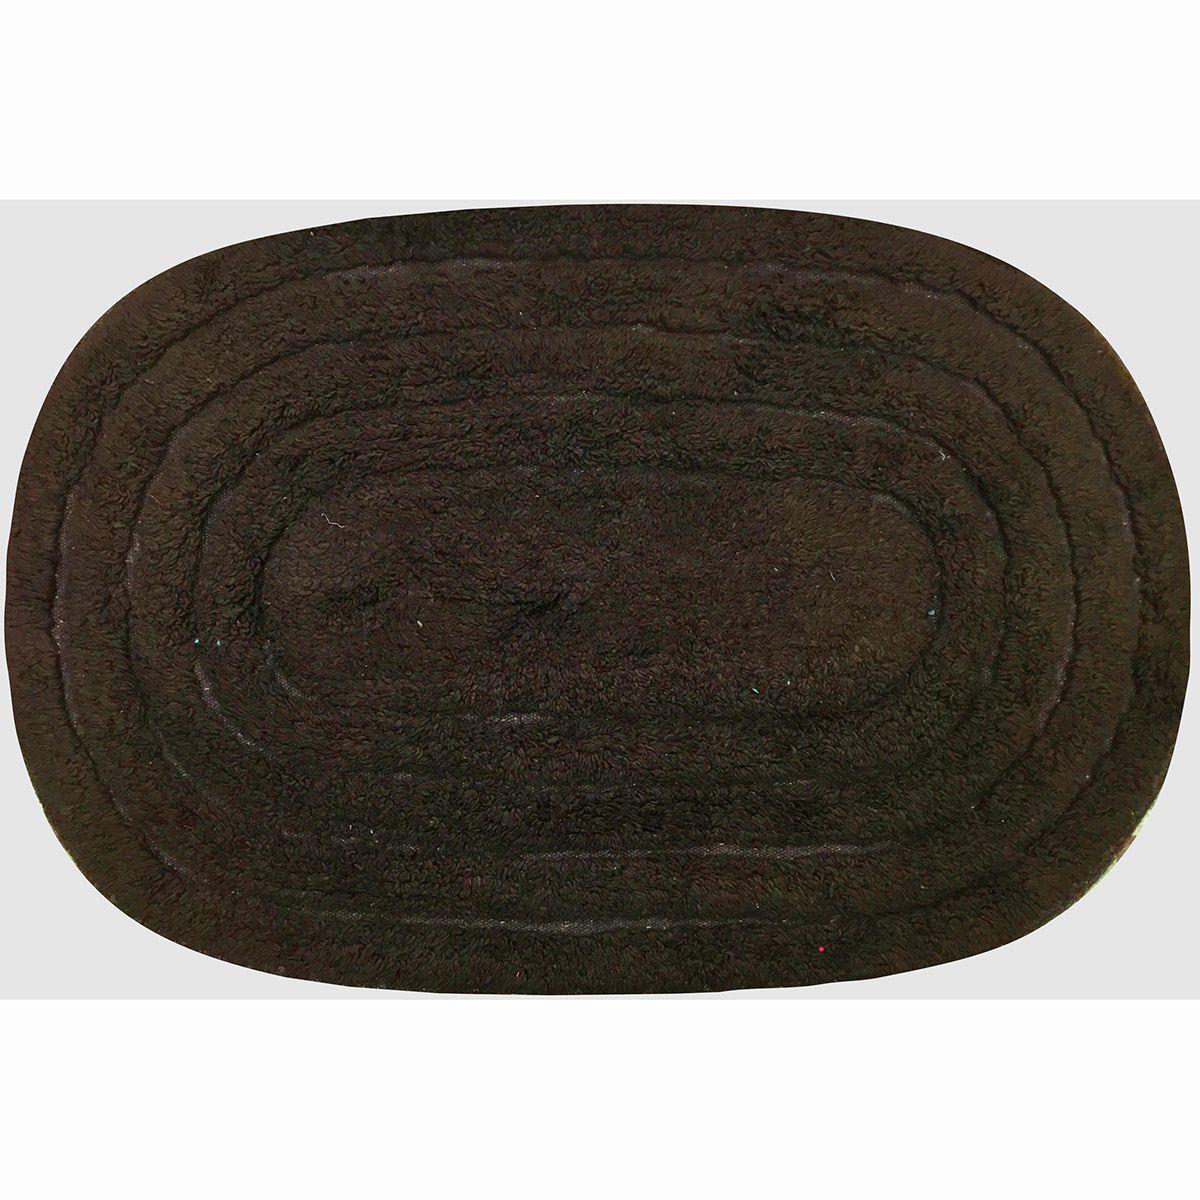 Tapete de Banheiro - Oval - Michigan - 60cm x 40cm - Marrom - Niazitex